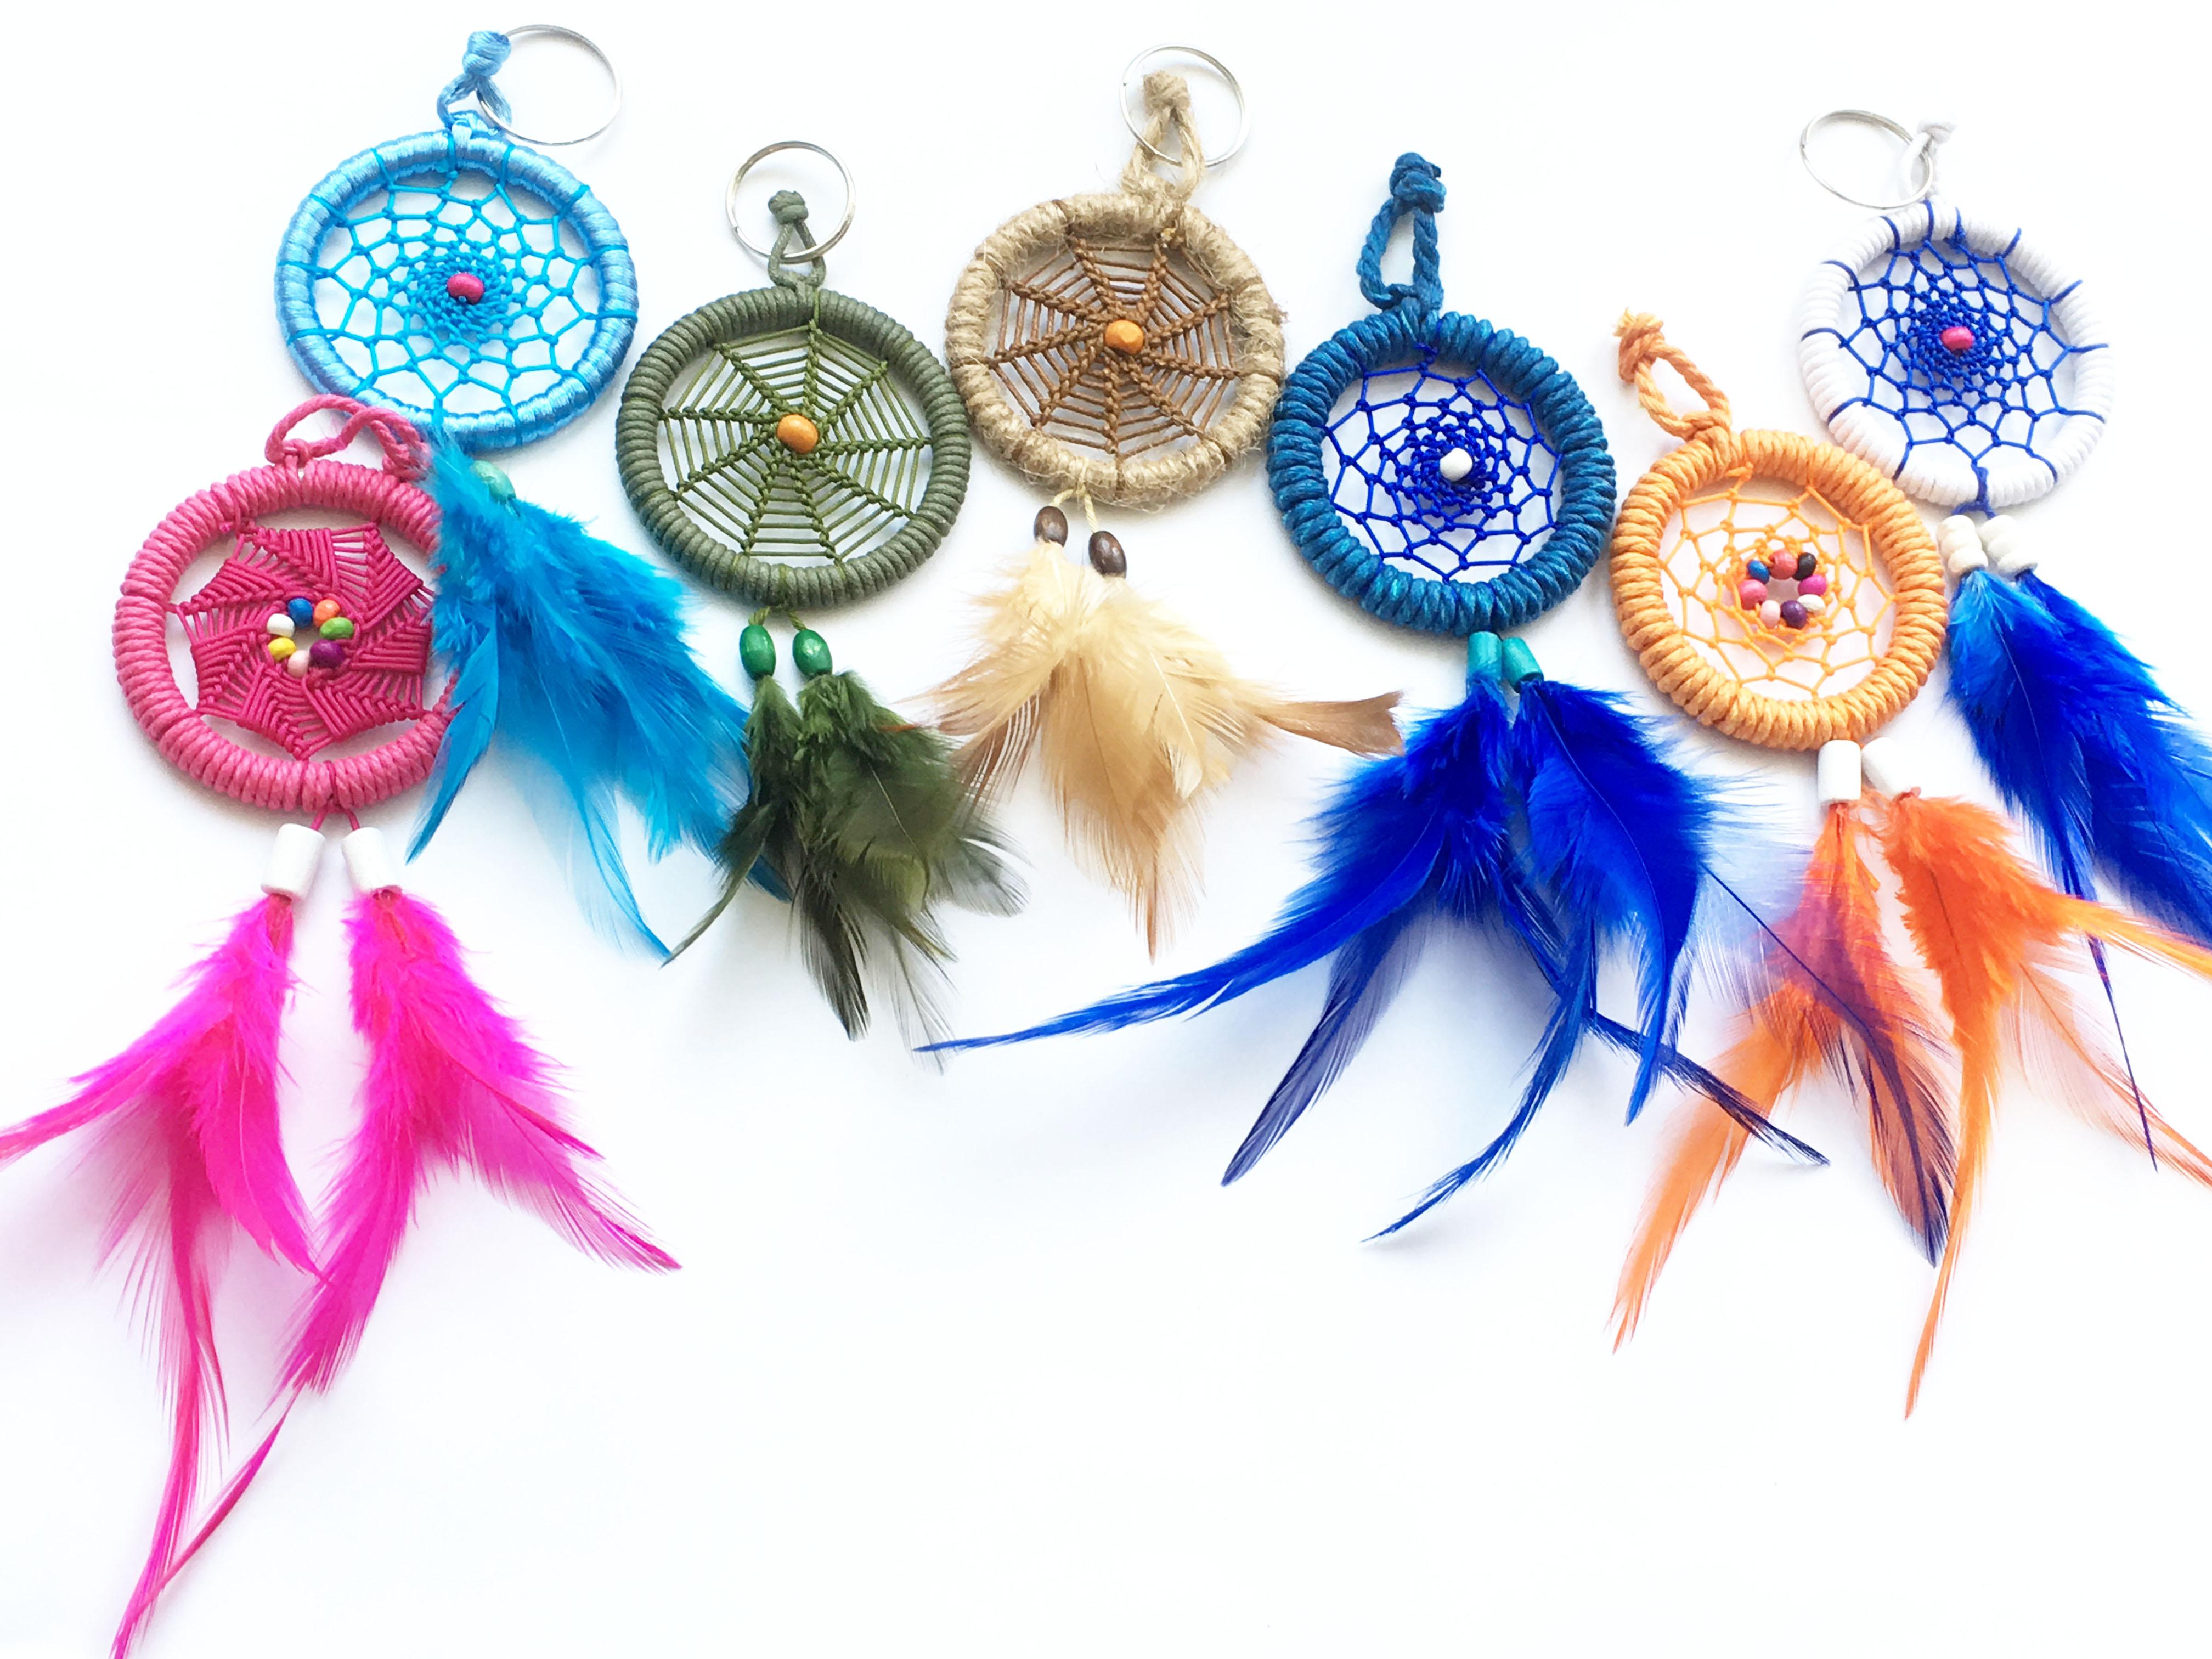 Móc khóa Dreamcatcher - Quà tặng trang trí handmade (phát màu ngẫu nhiên)